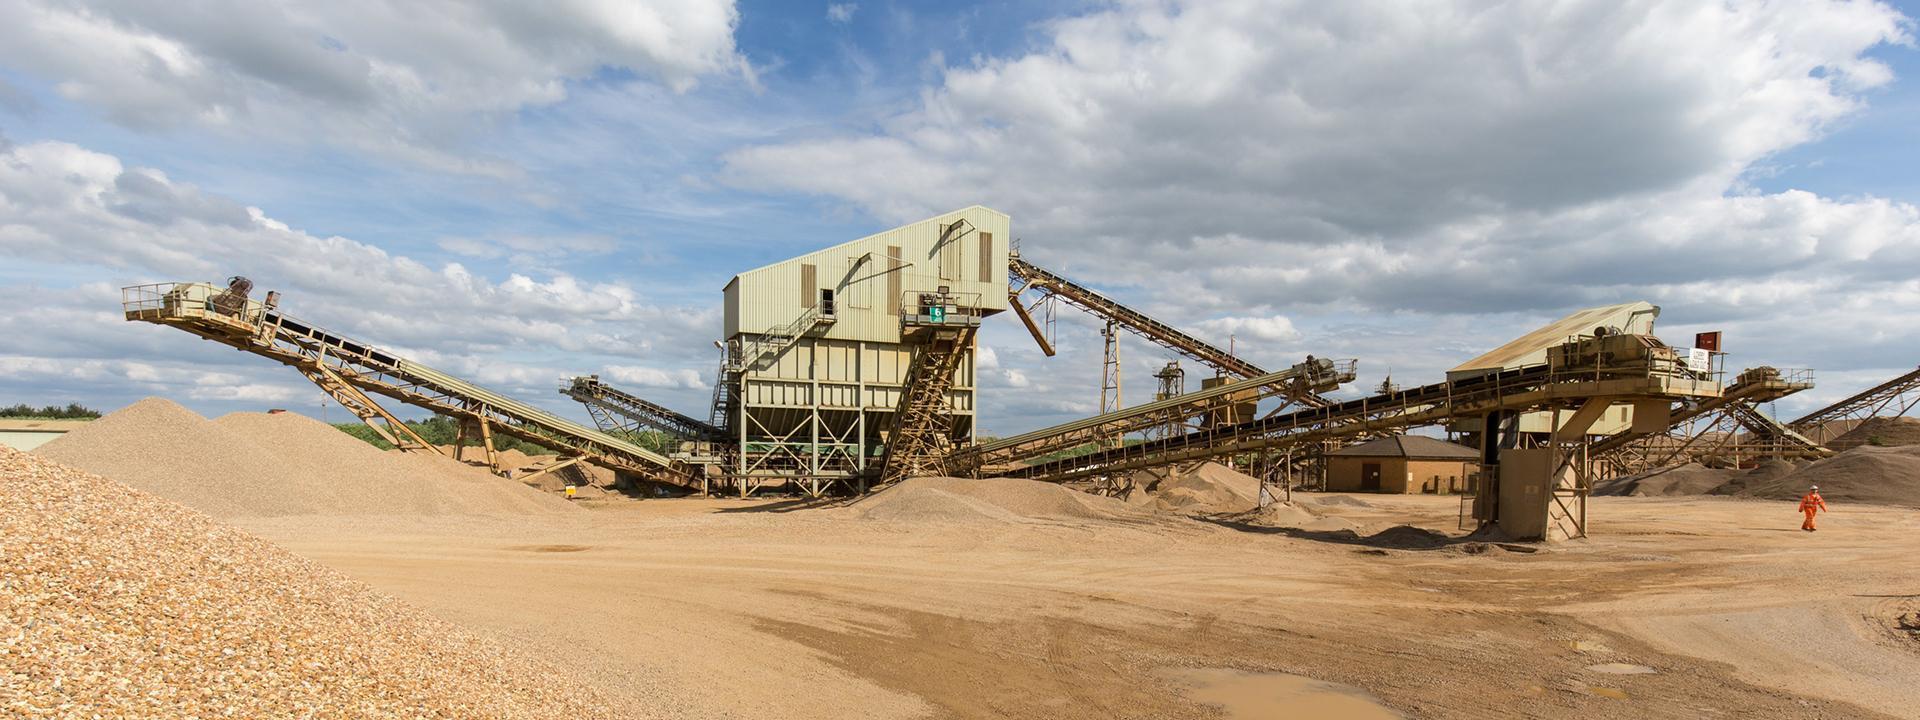 Hanson quarry